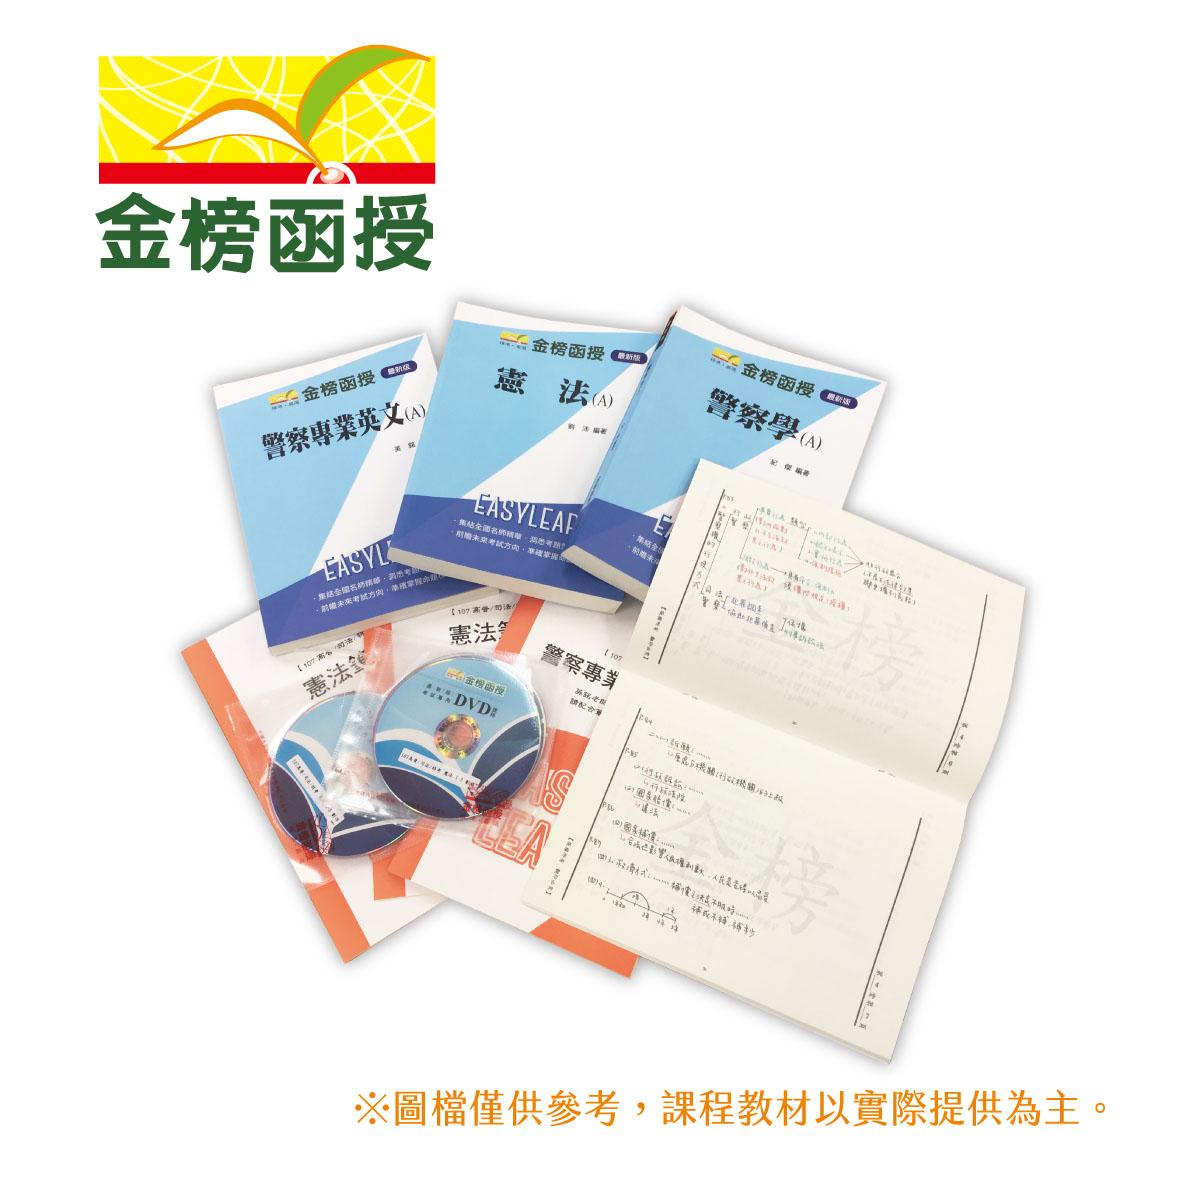 108金榜函授/高考三级/年度课程/全套/一般民政/DVD/专业科目